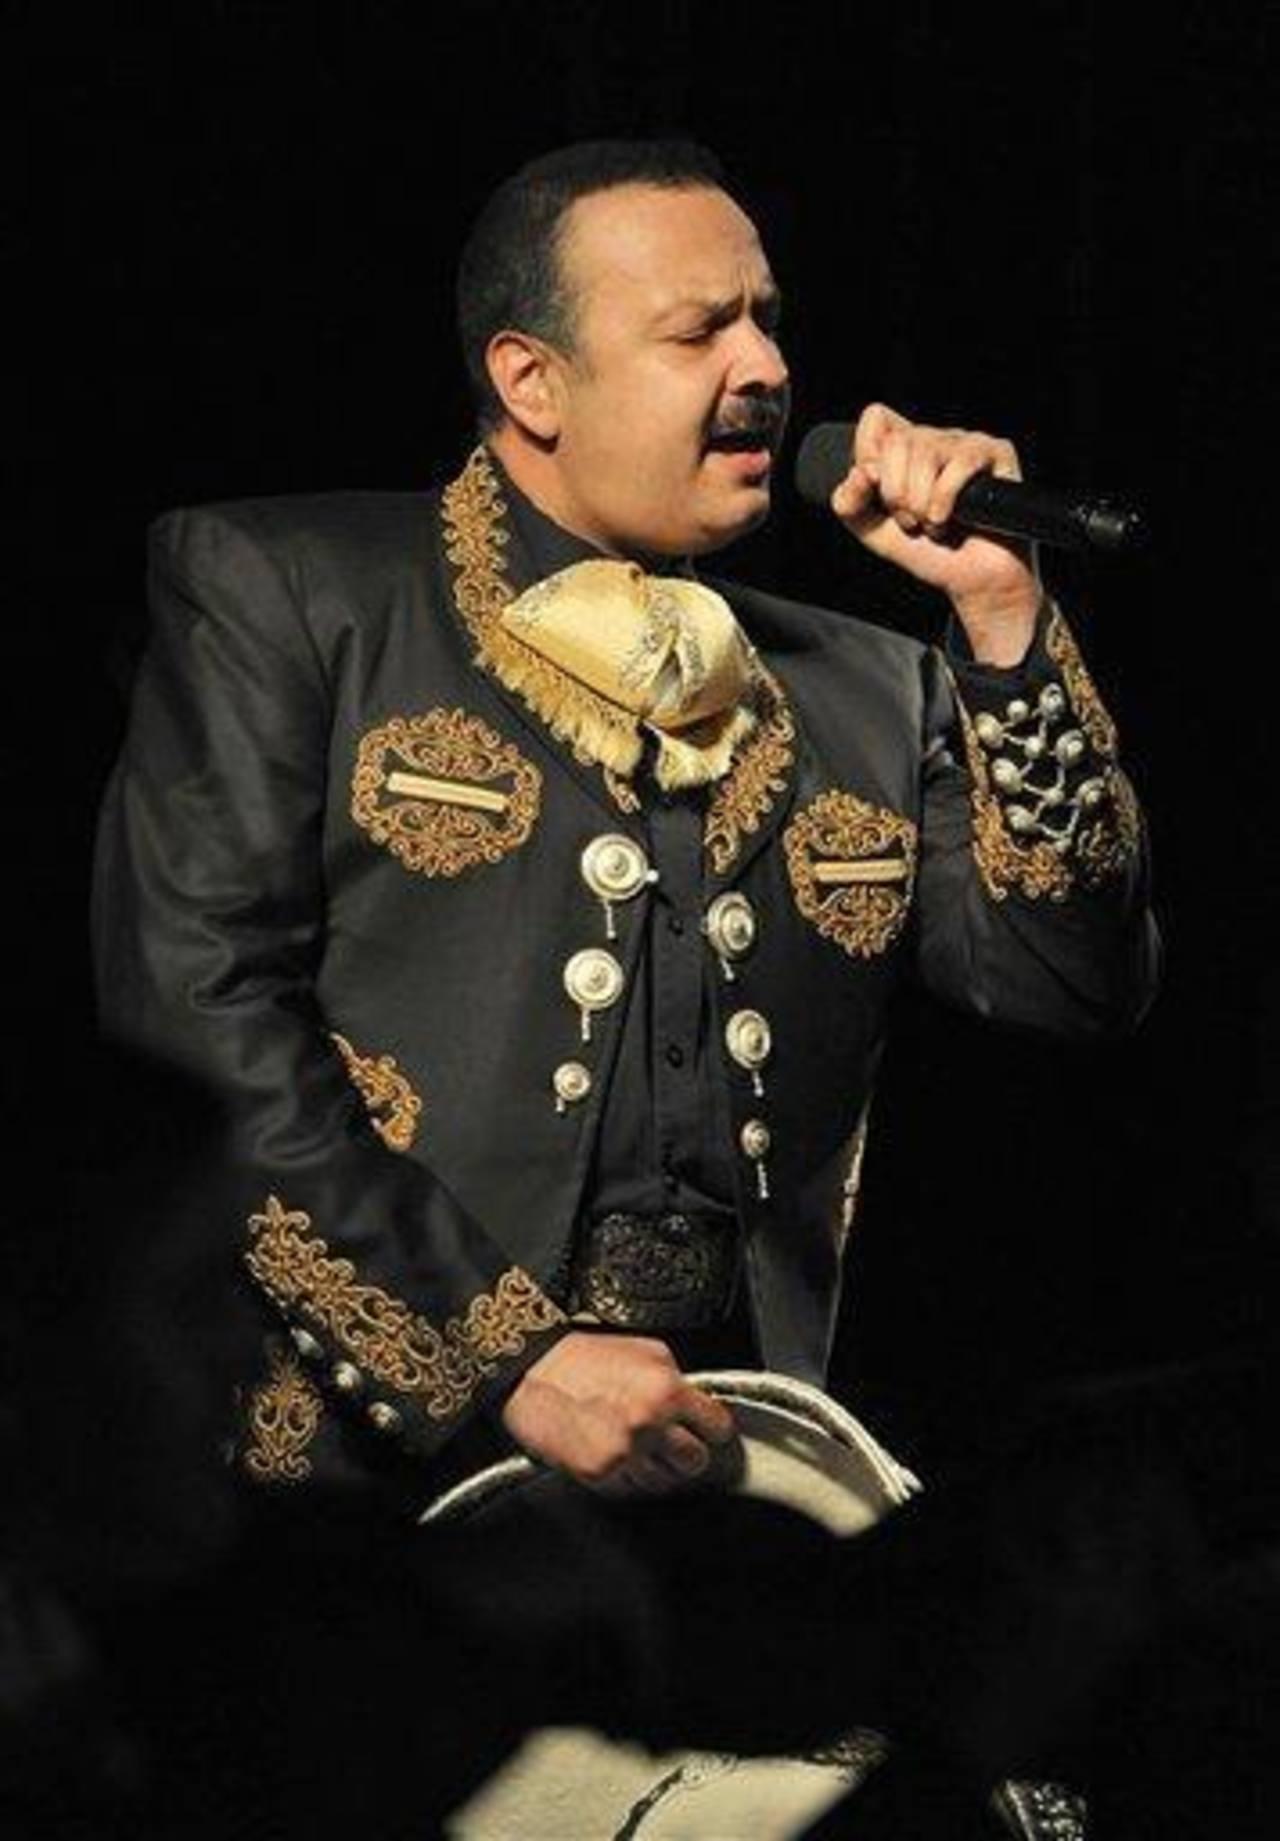 Pepe Aguilar será reconocido en los Premios de la Herencia Hispana el 18 de septiembre. Foto EDH/ AP